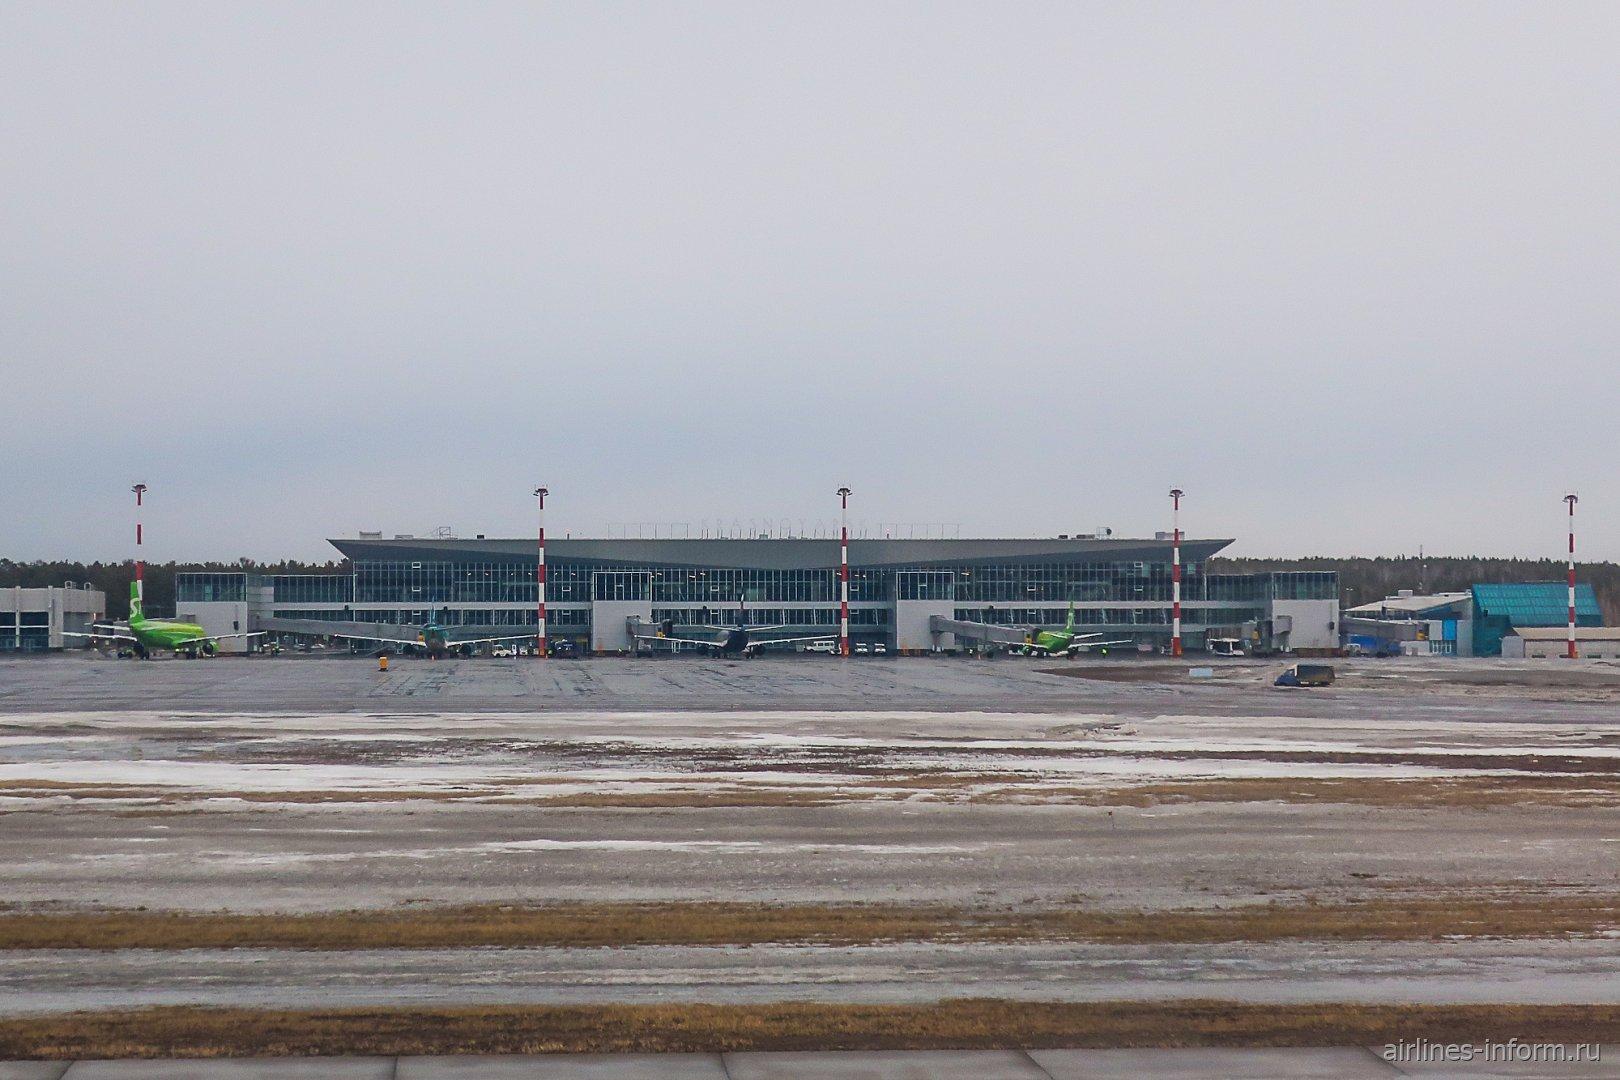 Пассажирский терминал 1 аэропорта Красноярск